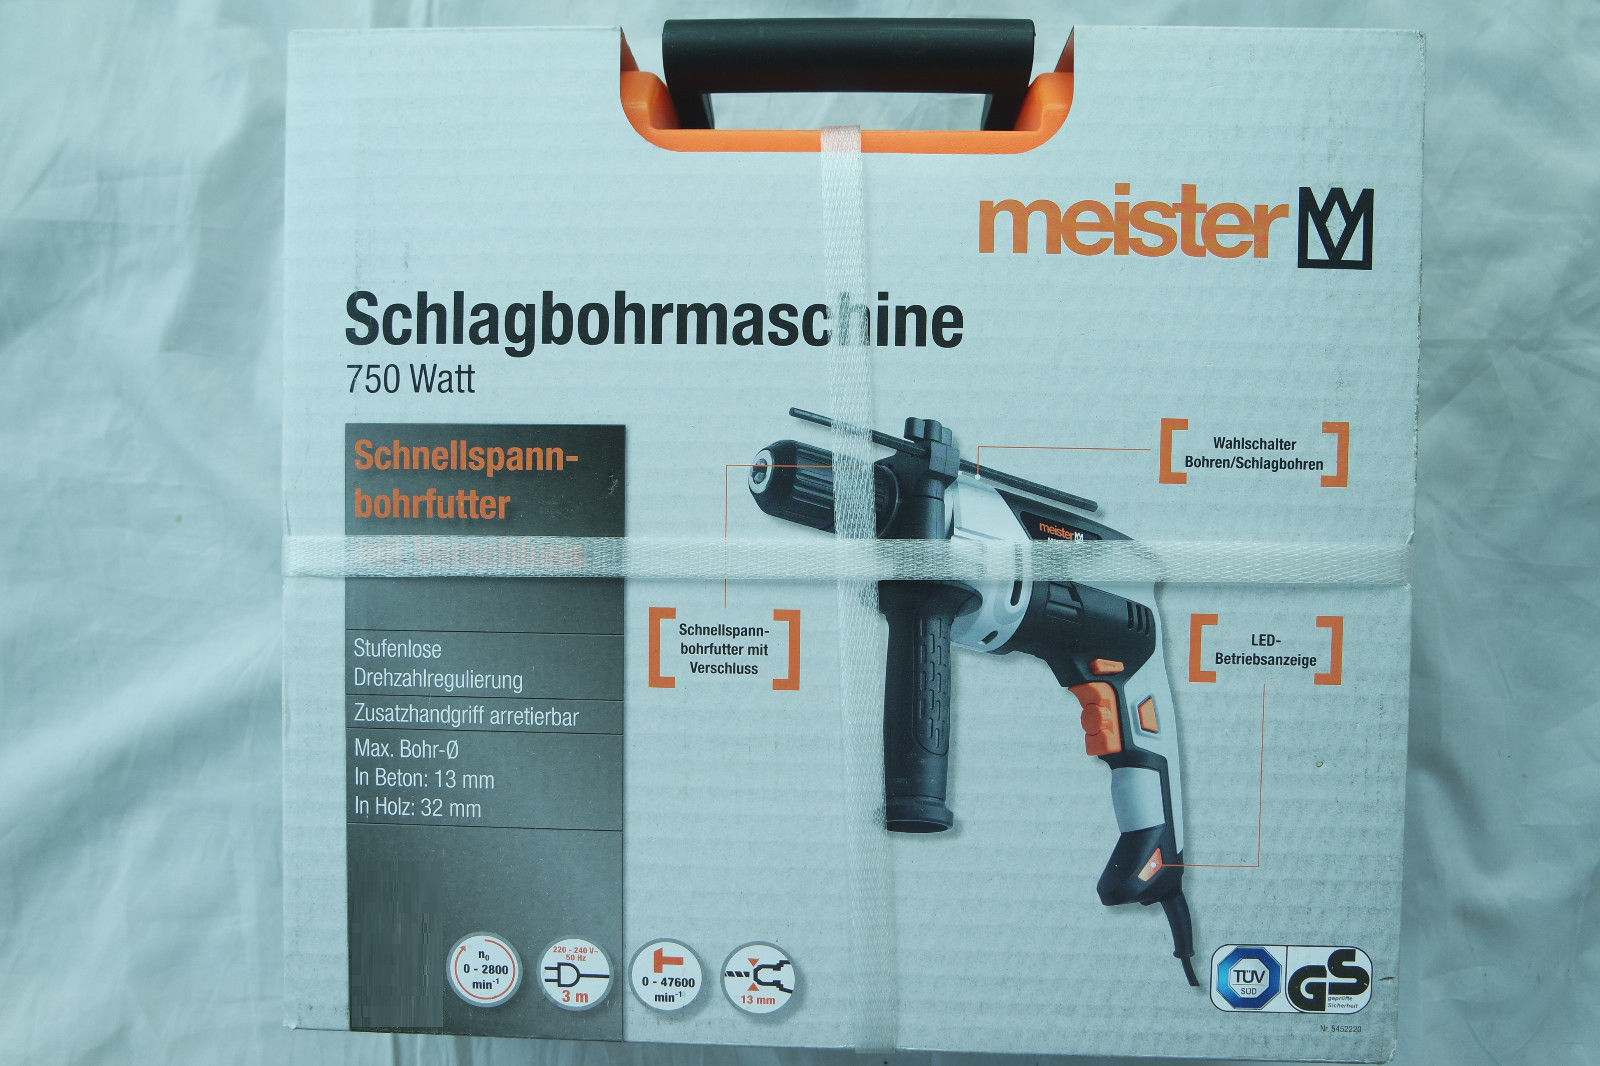 Meister Schlagbohrmaschine 750 Watt MSB750-1 bohrmaschine